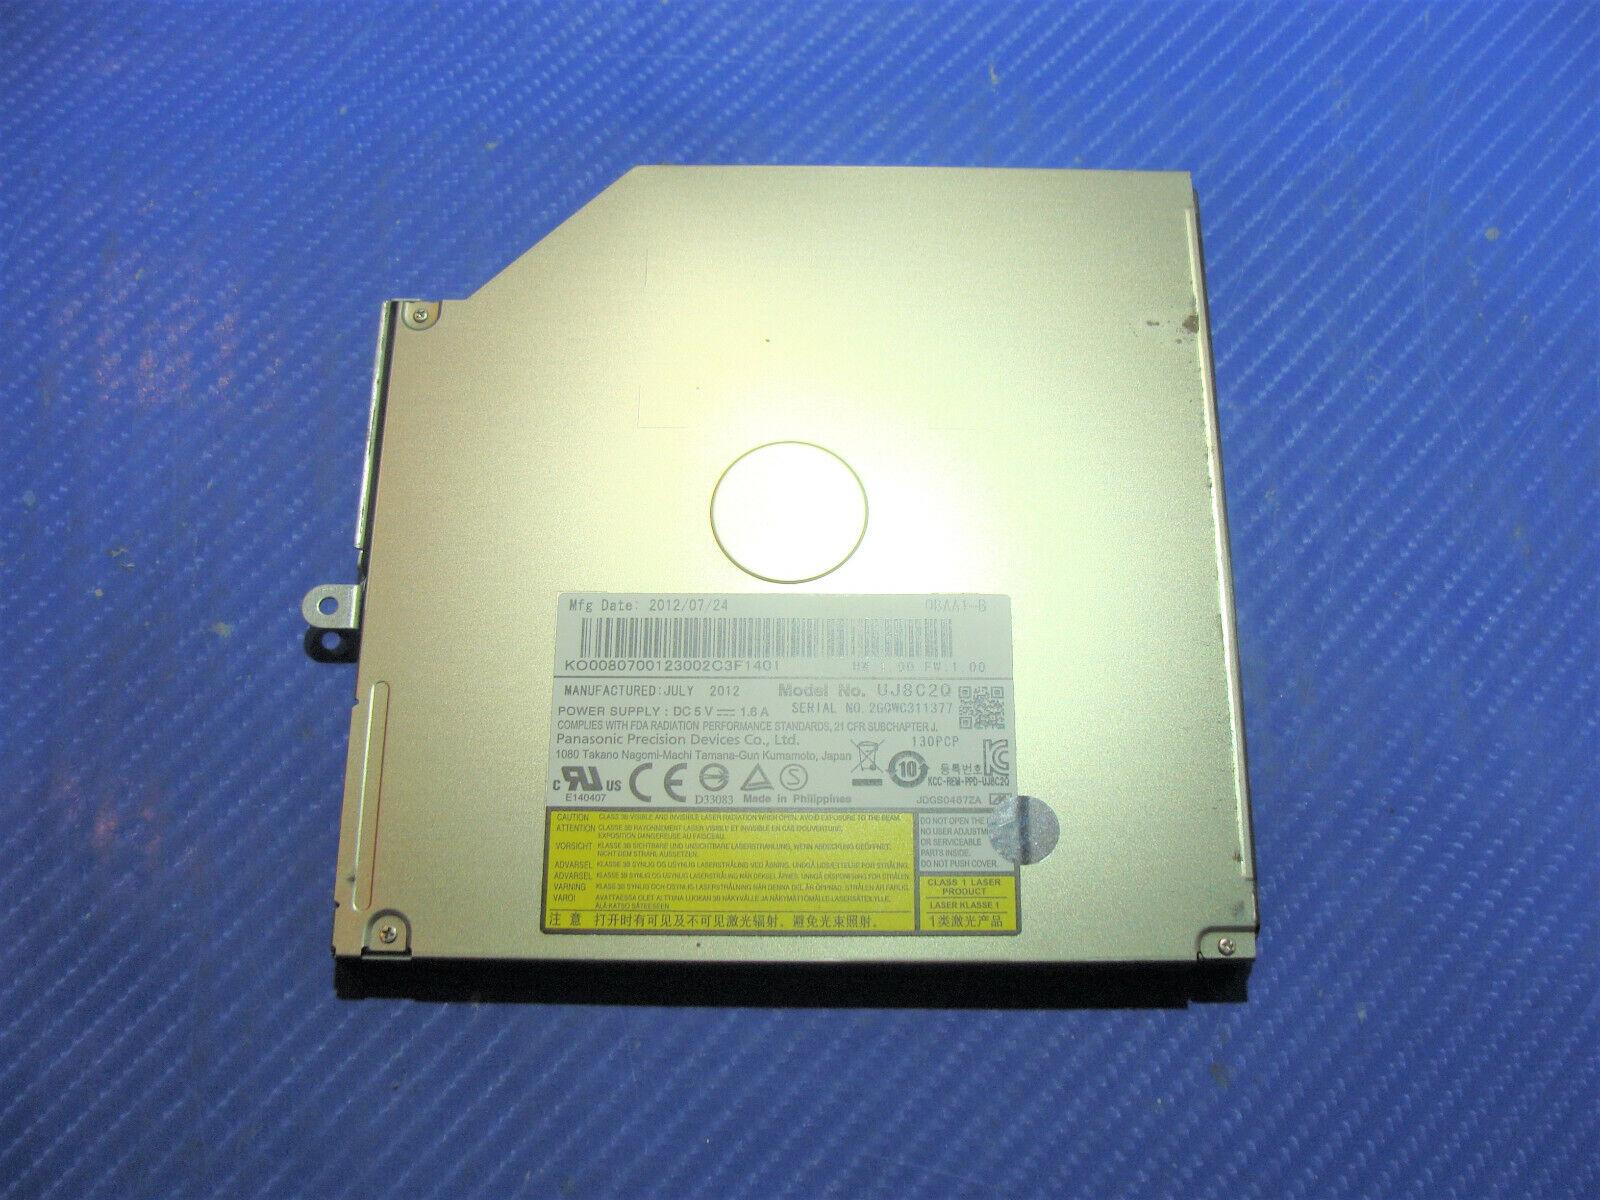 USB 2.0 External CD//DVD Drive for Acer Aspire V5-471-6630